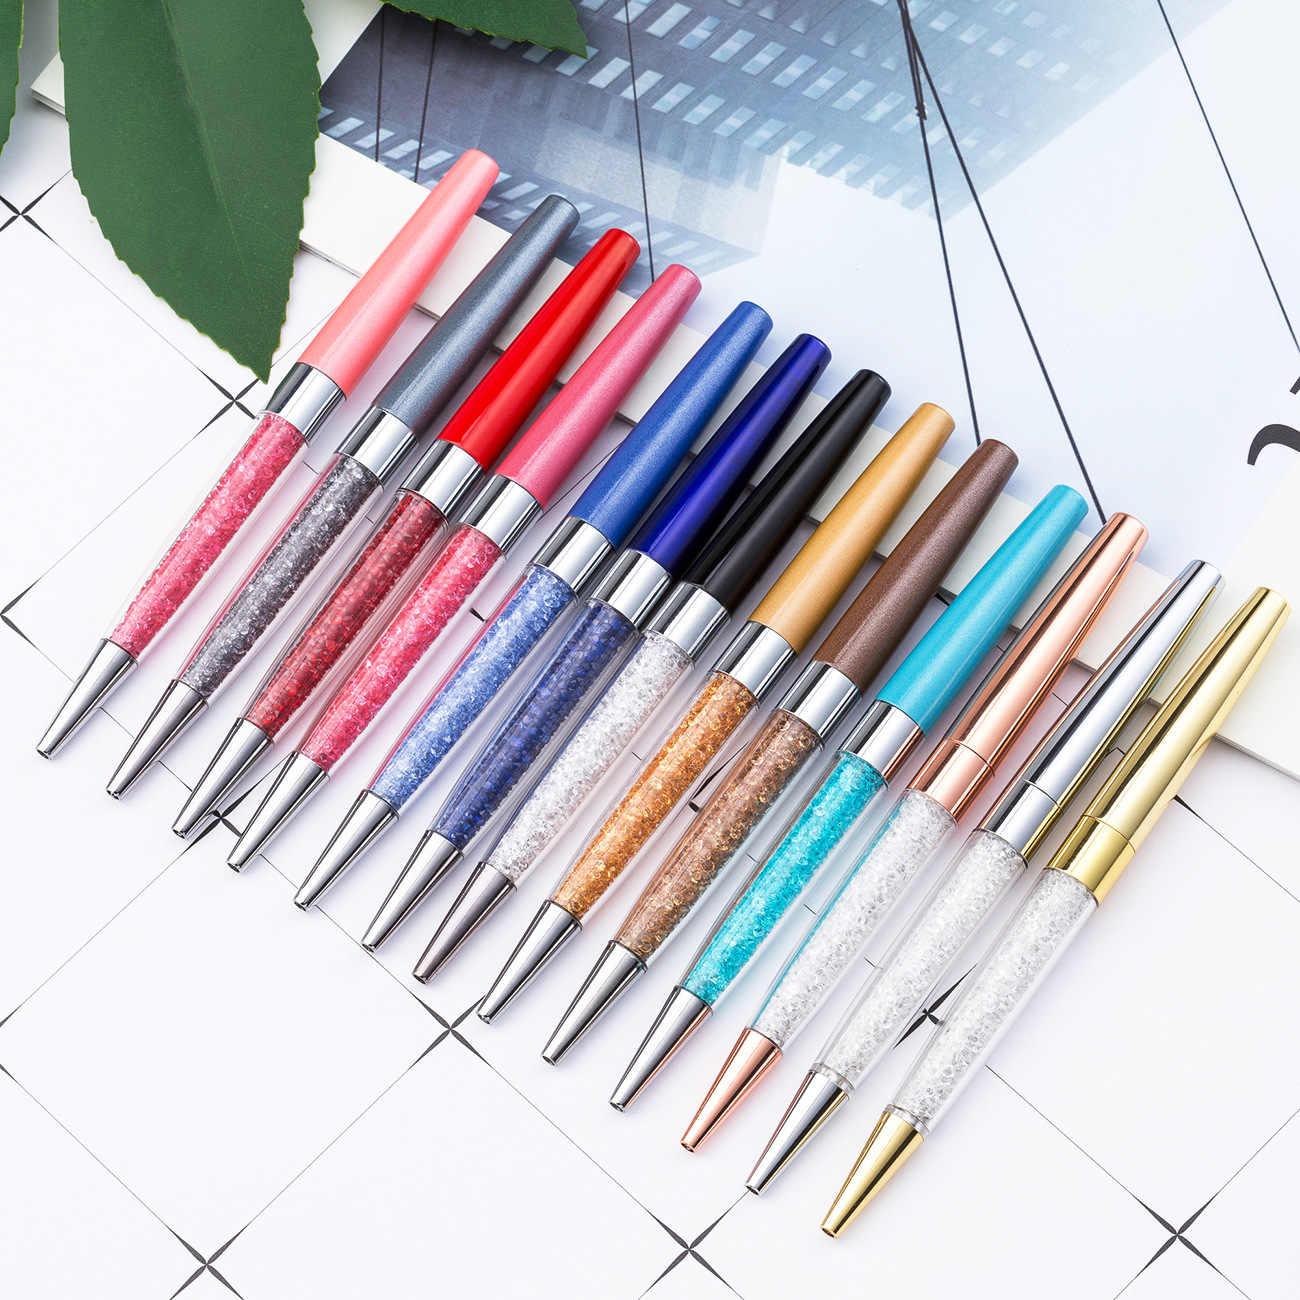 1 Pc Nuovo 21 di Colore di Cristallo Penna a Sfera Creativa Penna Pilota per La Scrittura di Cancelleria per Ufficio E per La Scuola Penna a Sfera Inchiostro nero